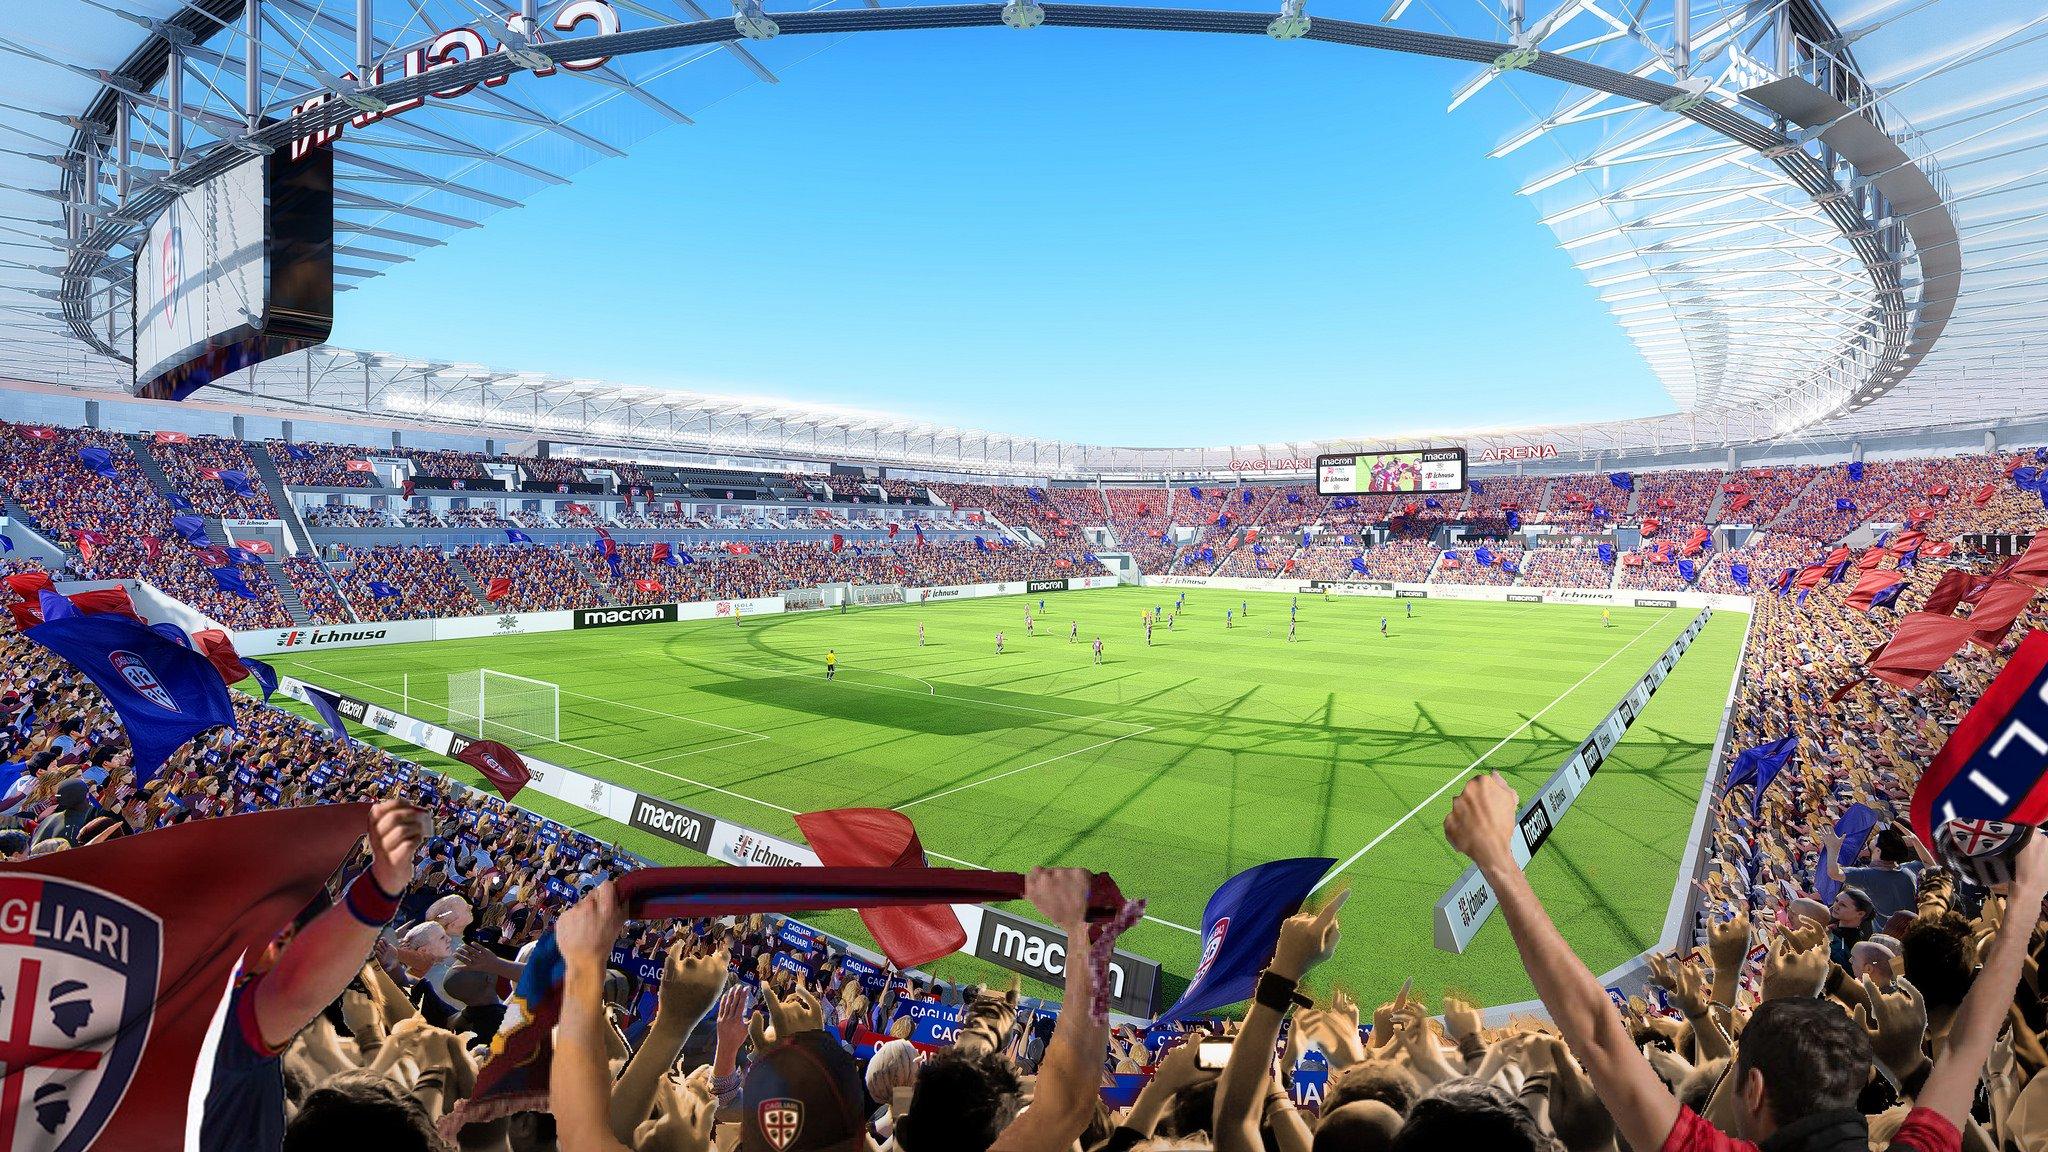 Cagliari Arena